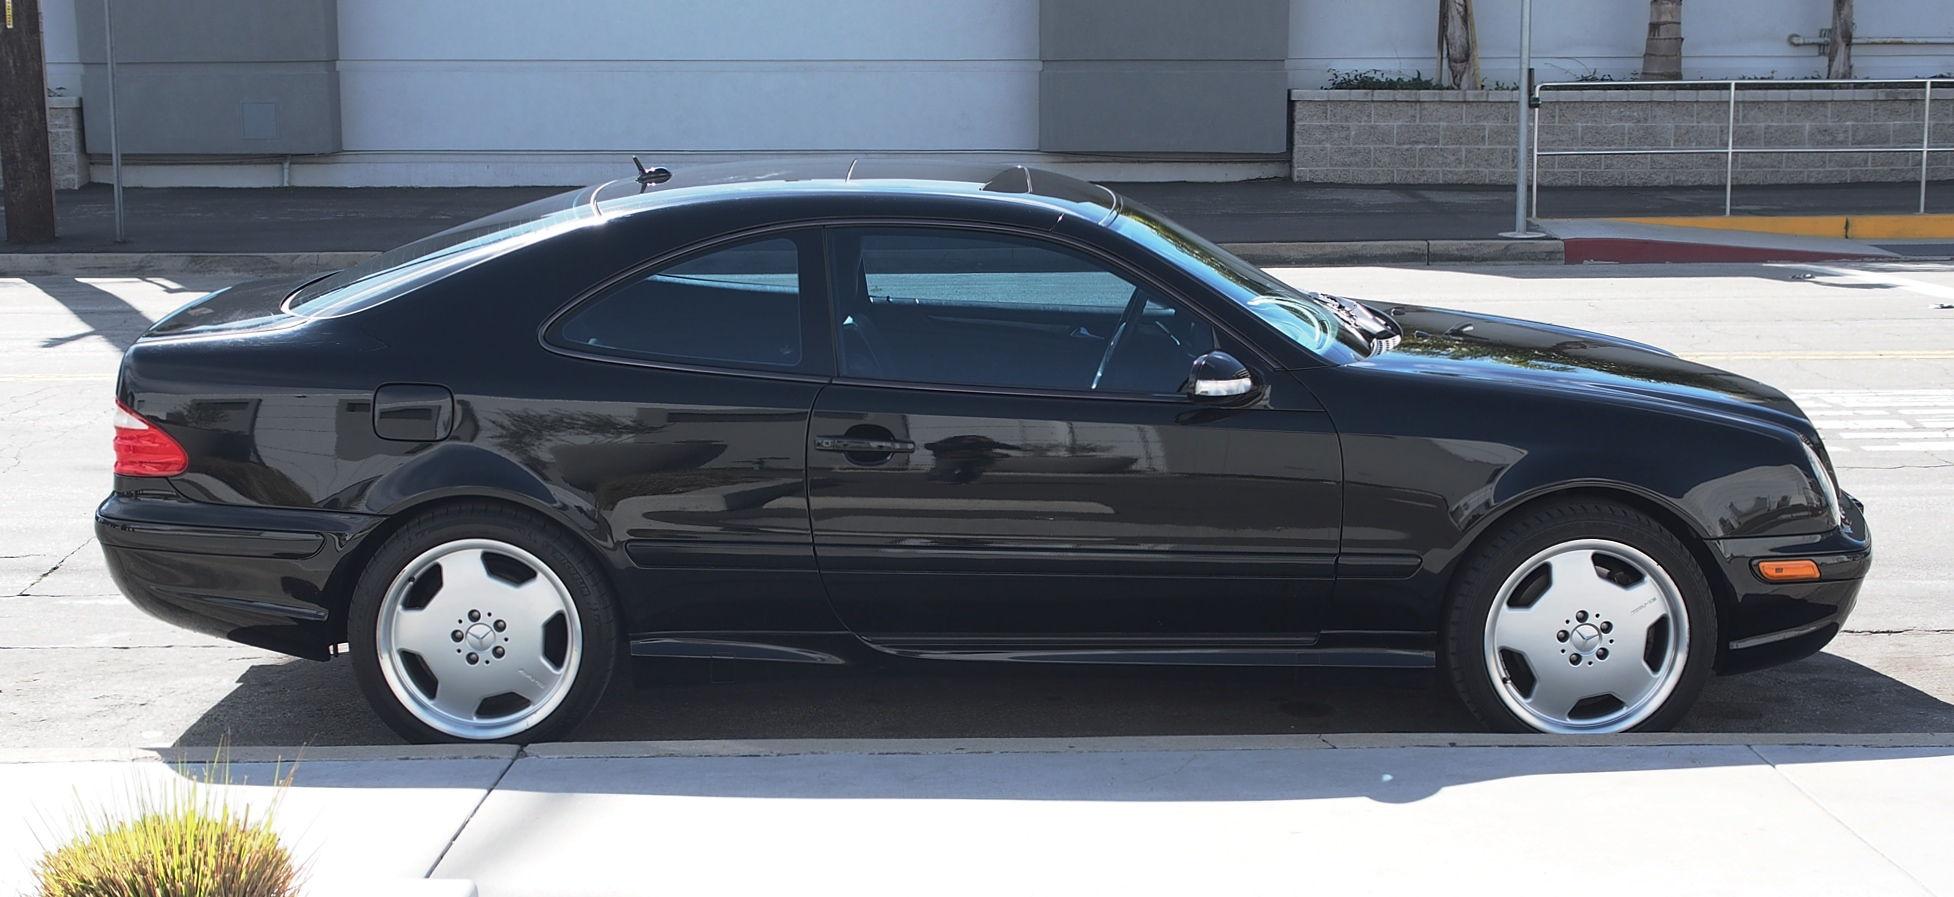 2001 Mercedes Benz Clk 55 Amg Coupe Black California